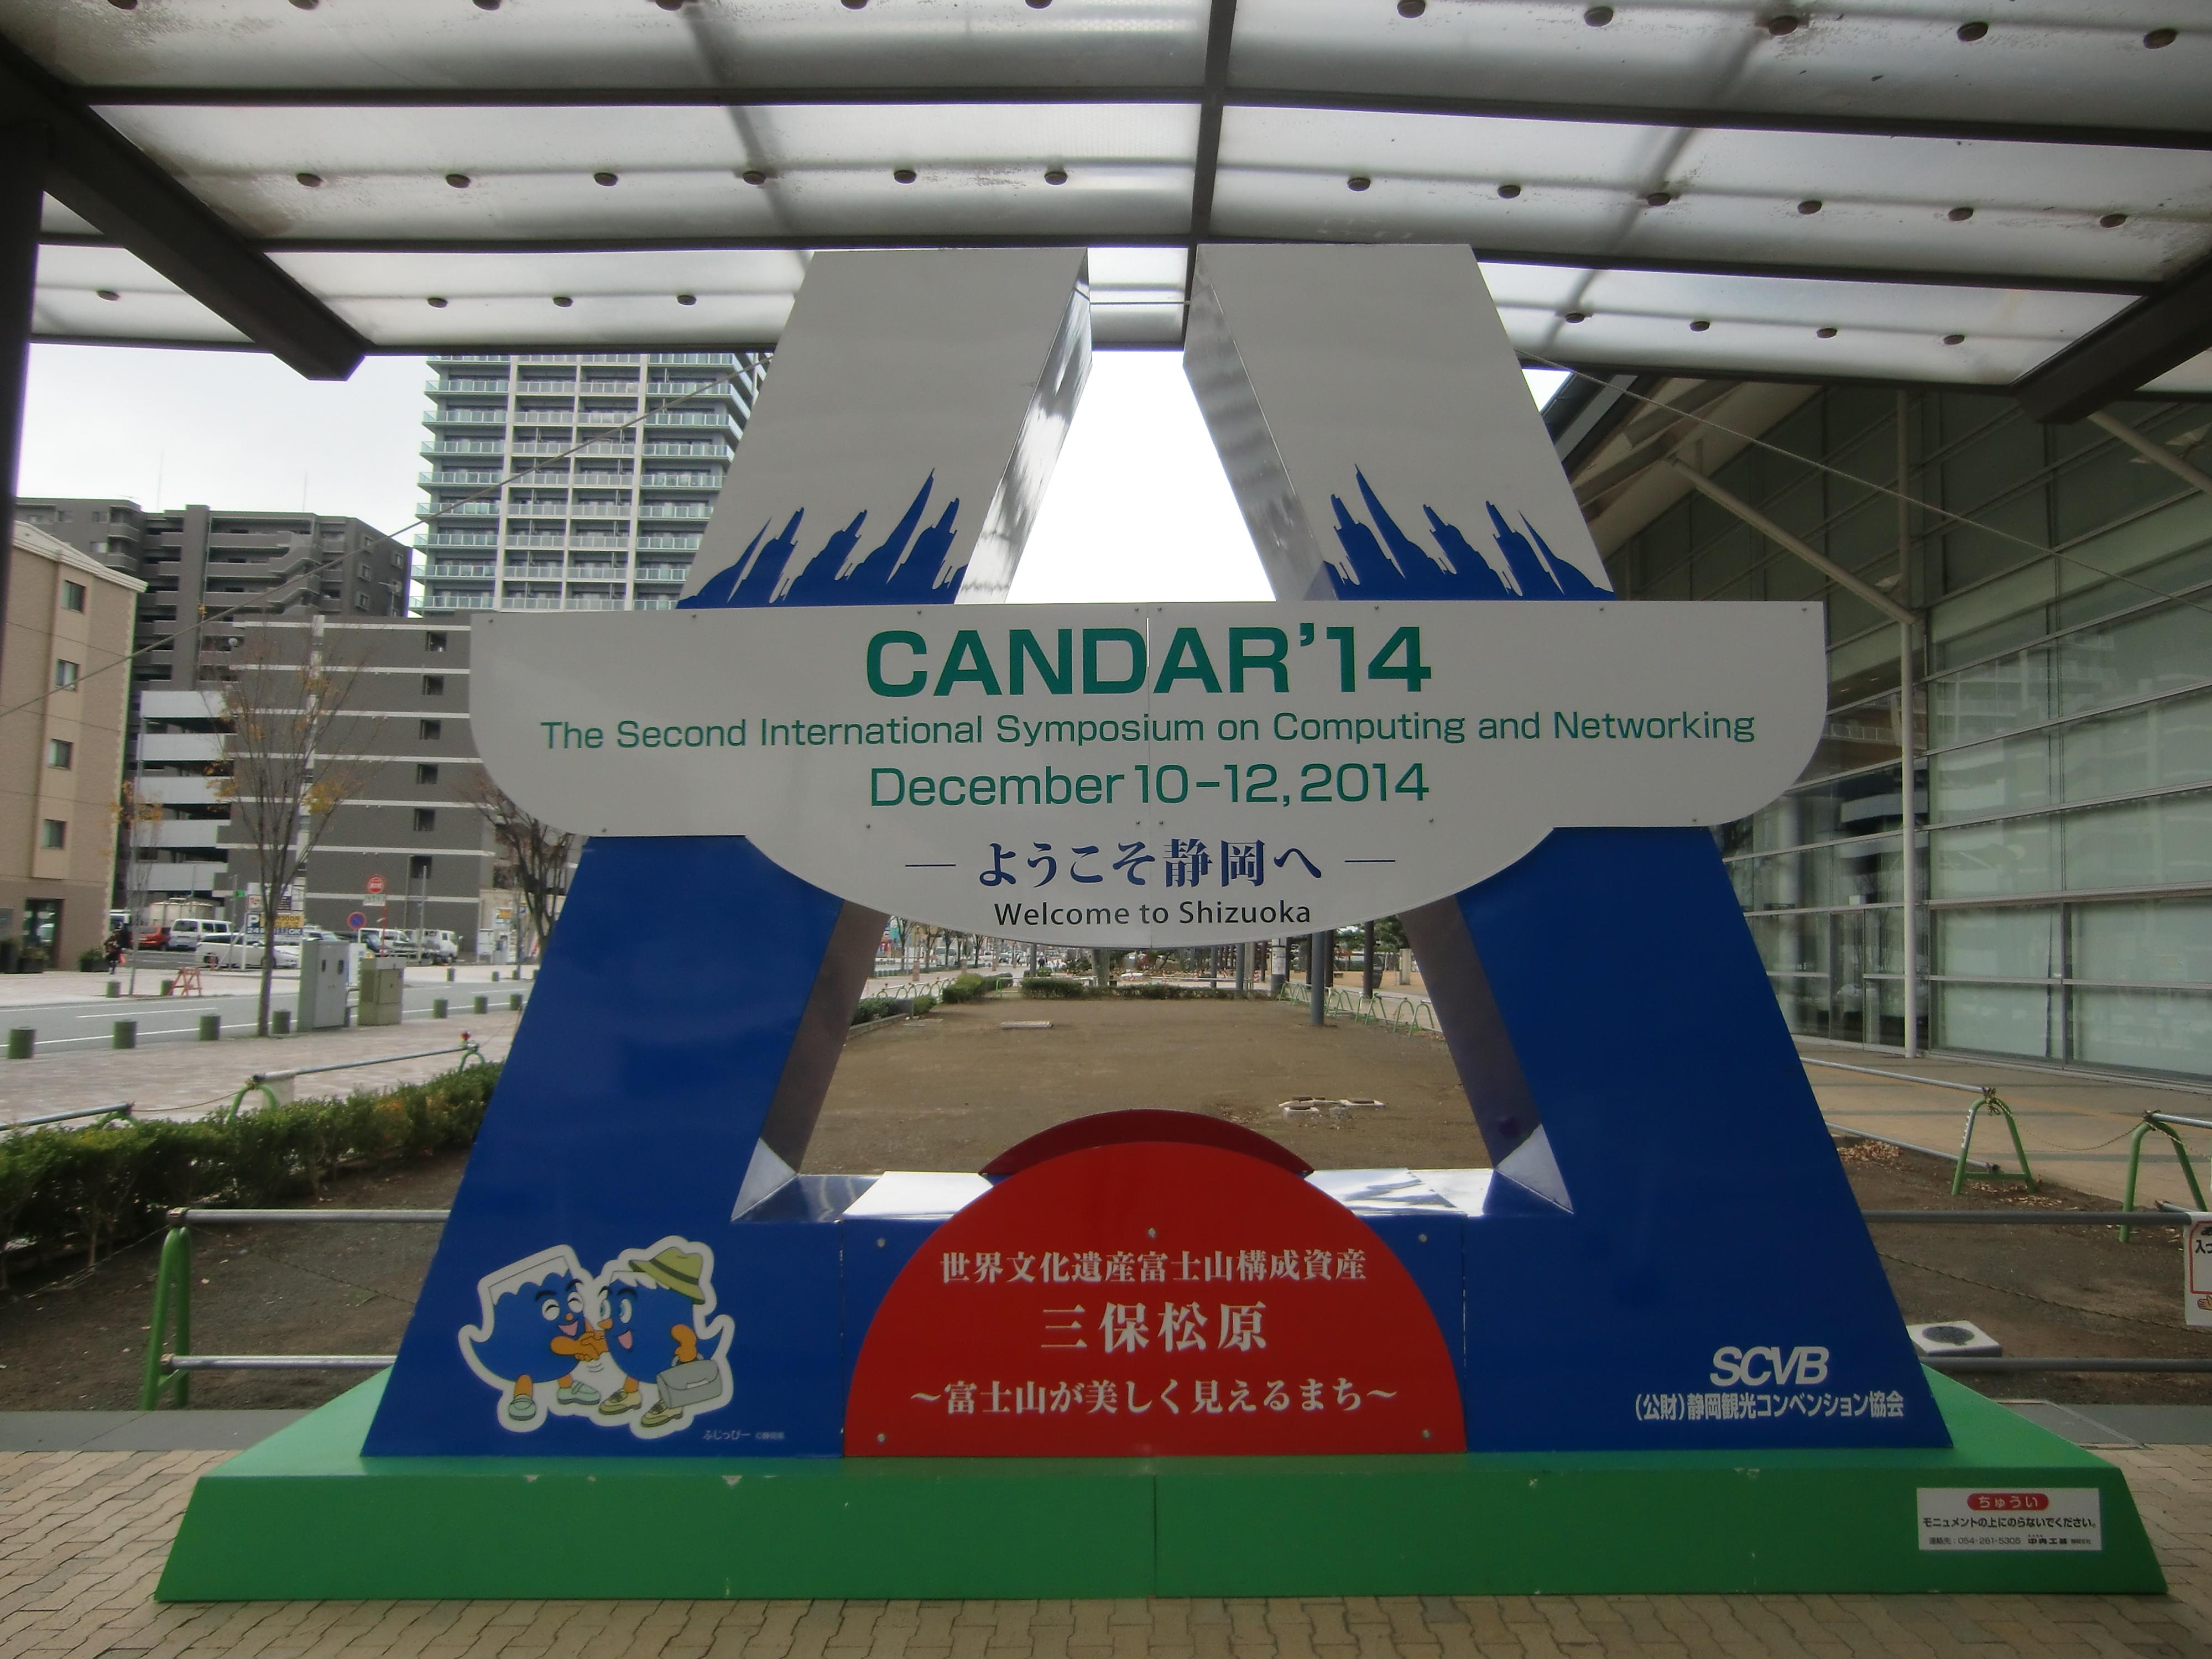 梁矗君 m2 が 静岡県で行われた国際会議candar 14で研究発表を